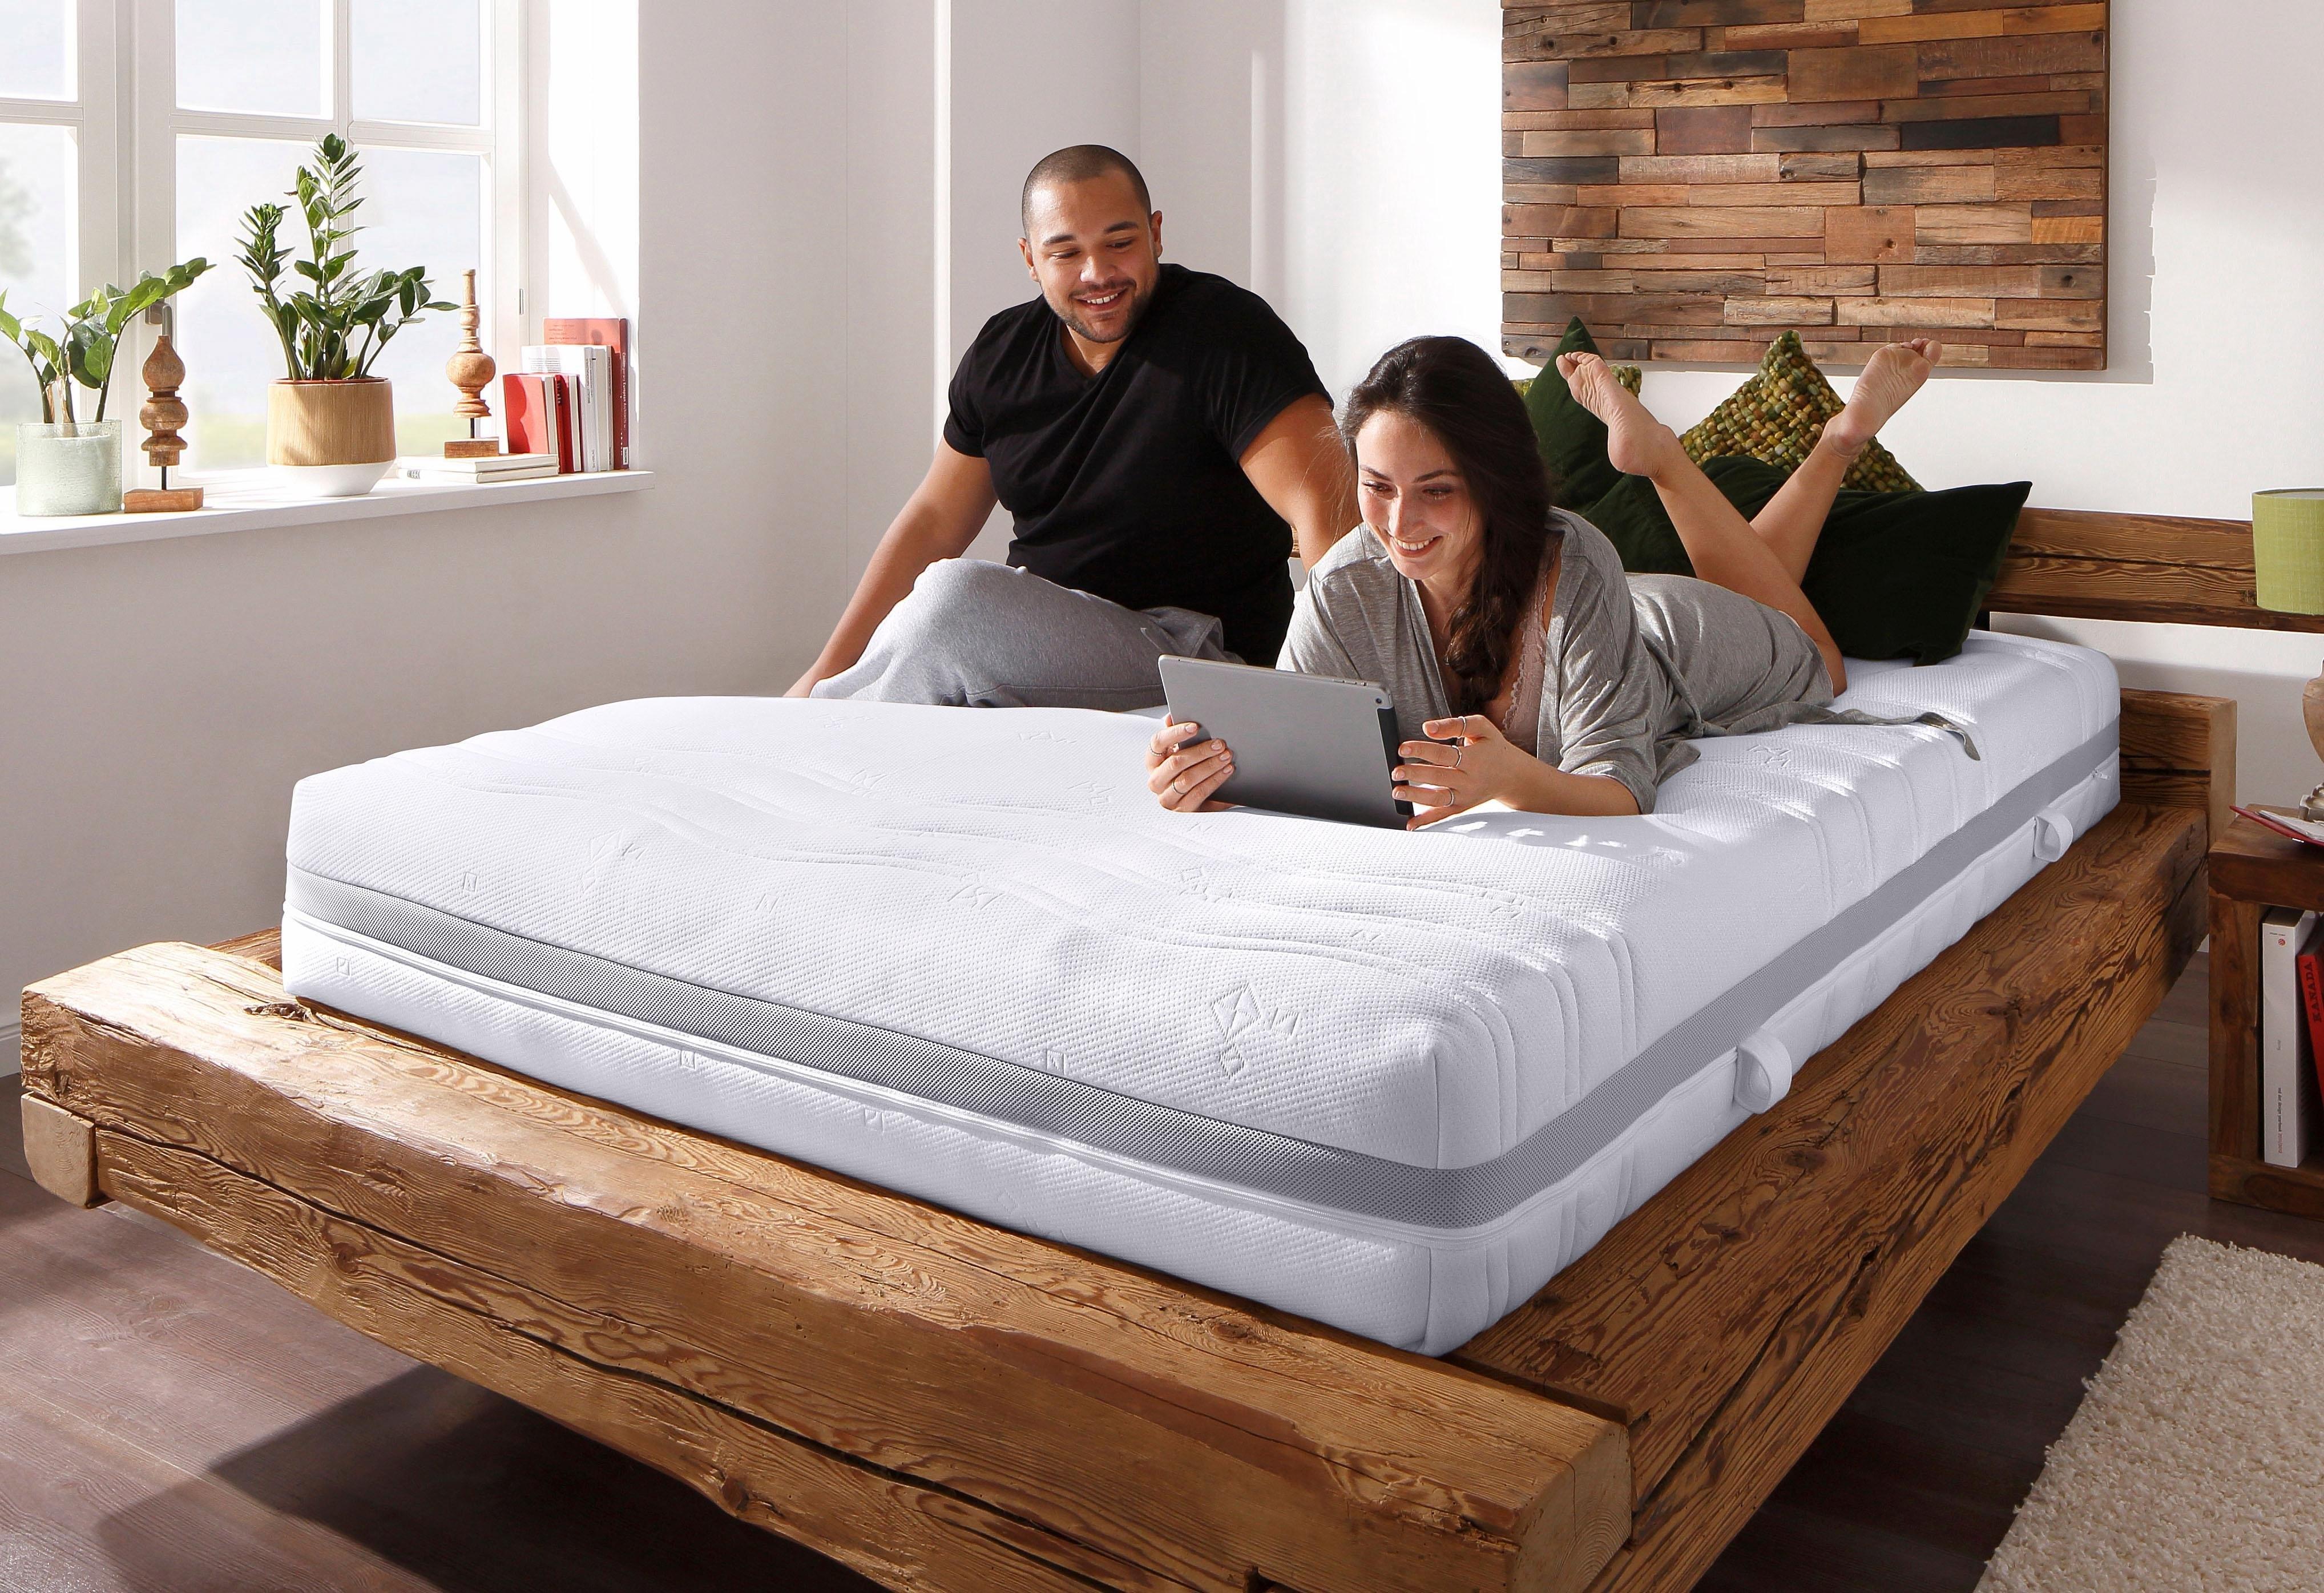 Beco EXCLUSIV koudschuimmatras Comfort for Me stevig, comfortabel & universeel tot 120 kg hoogte 19 cm nu online bestellen